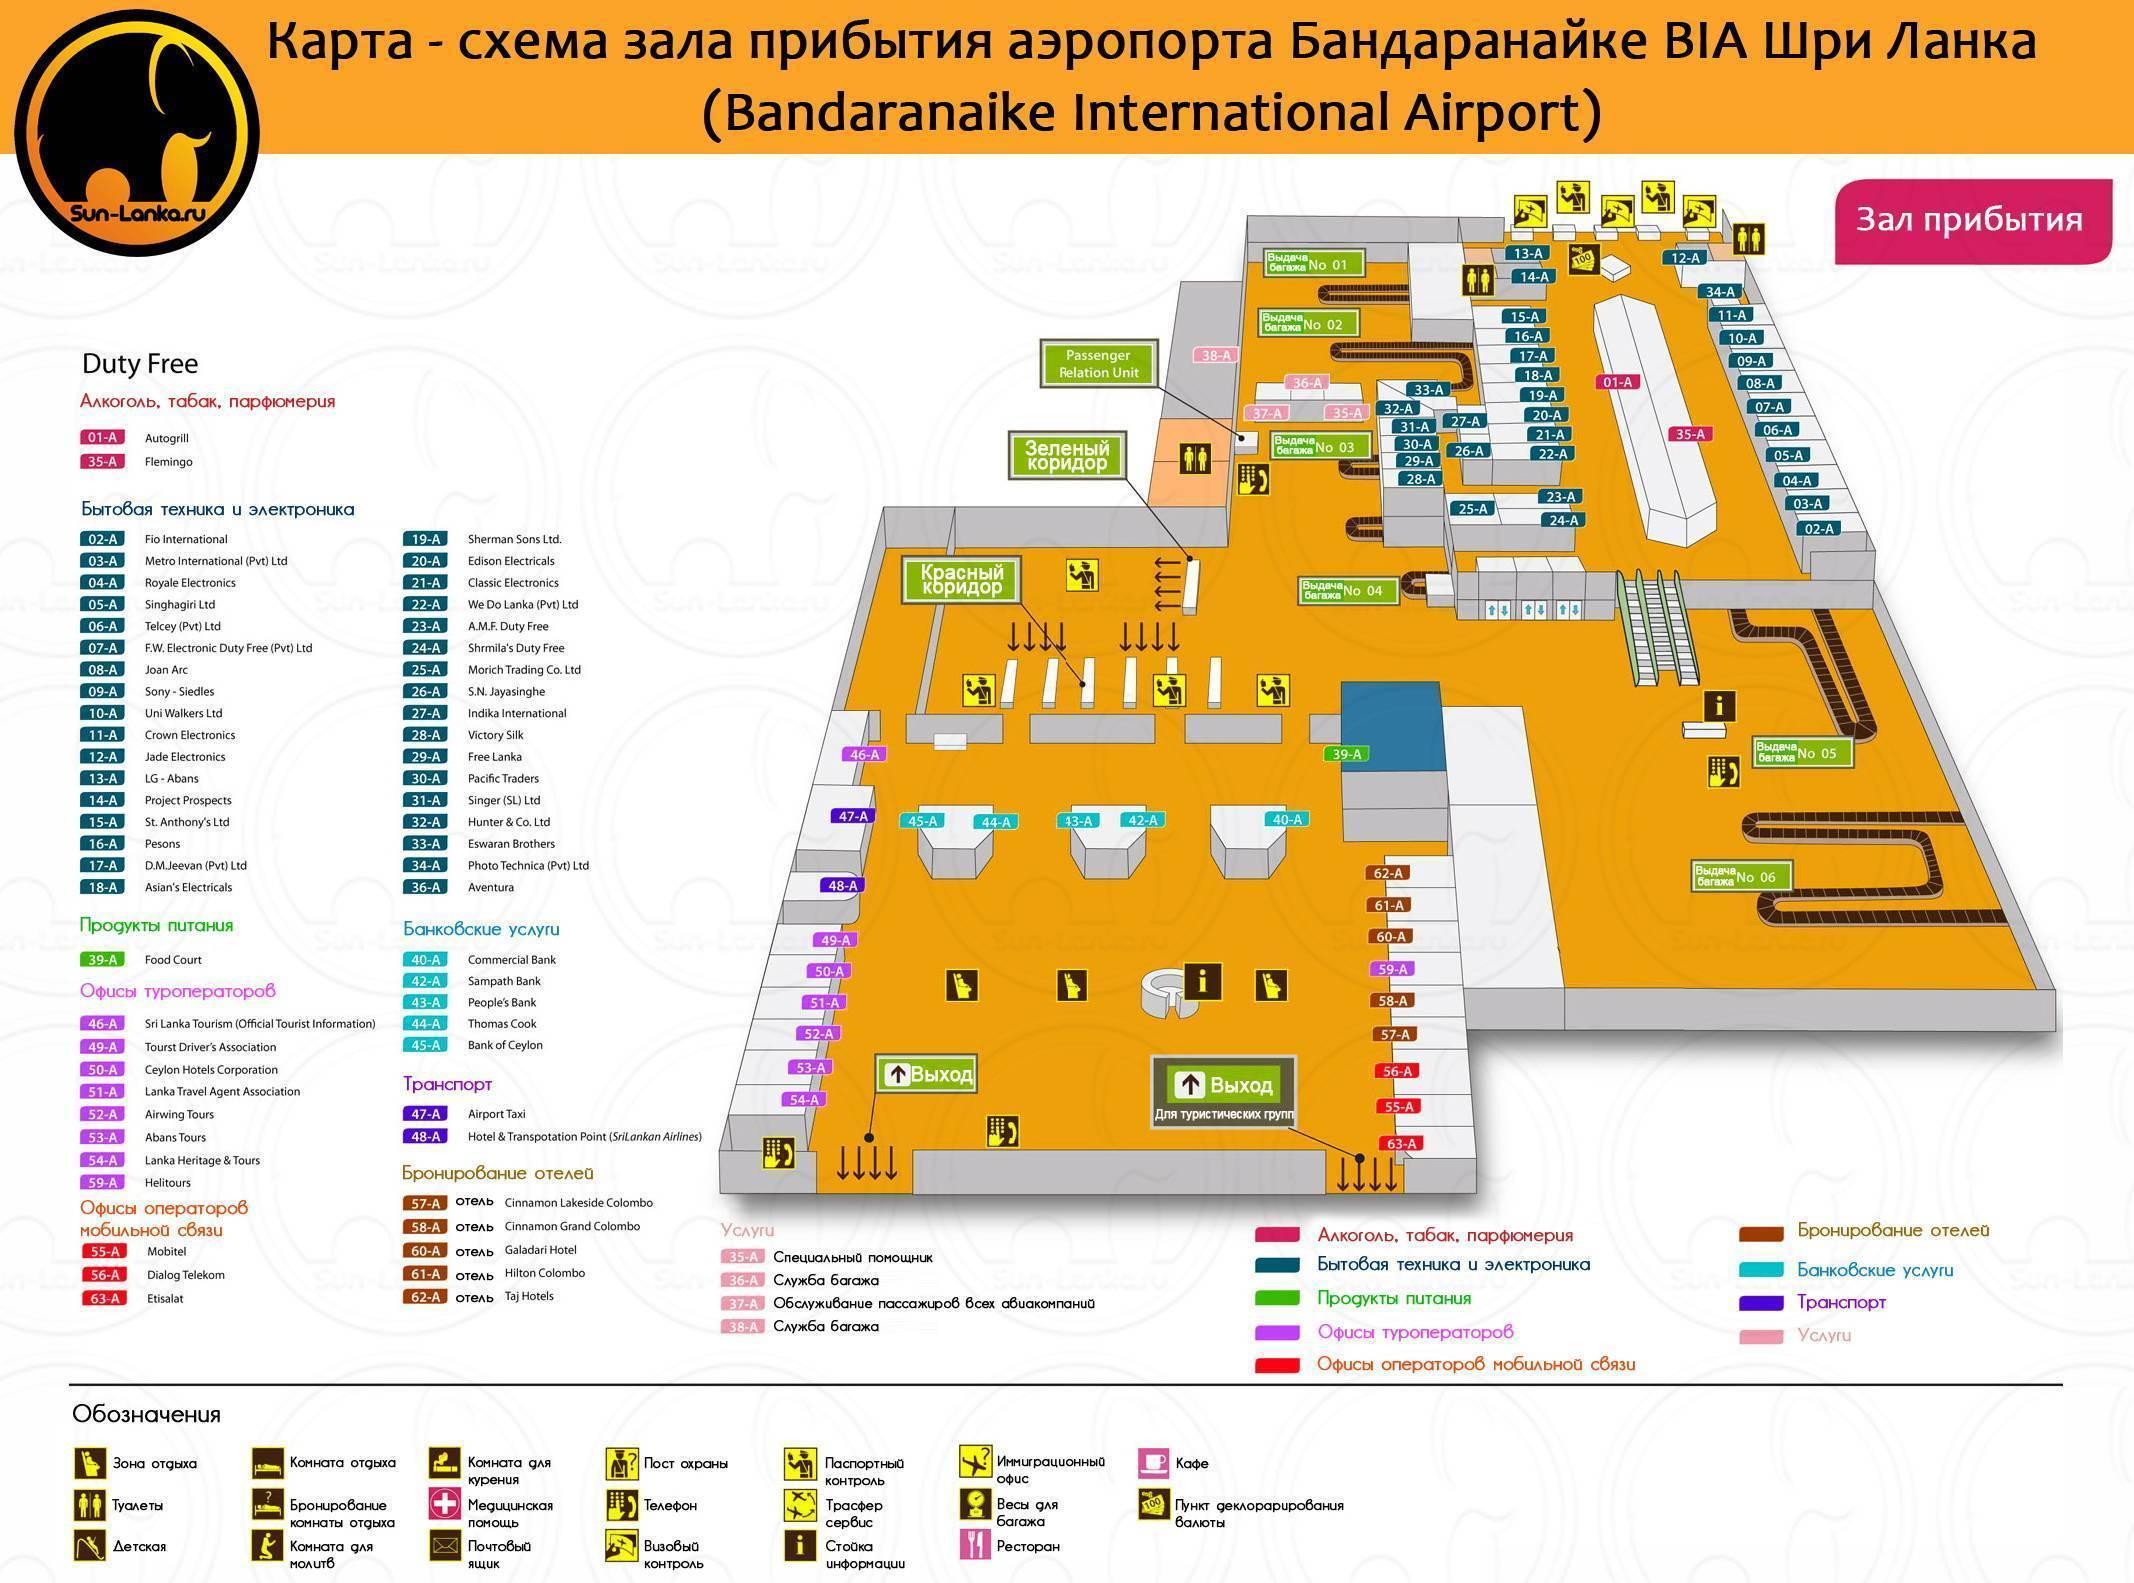 Как добраться в/из аэропорта сабиха гекчен в стамбуле в 2021 году